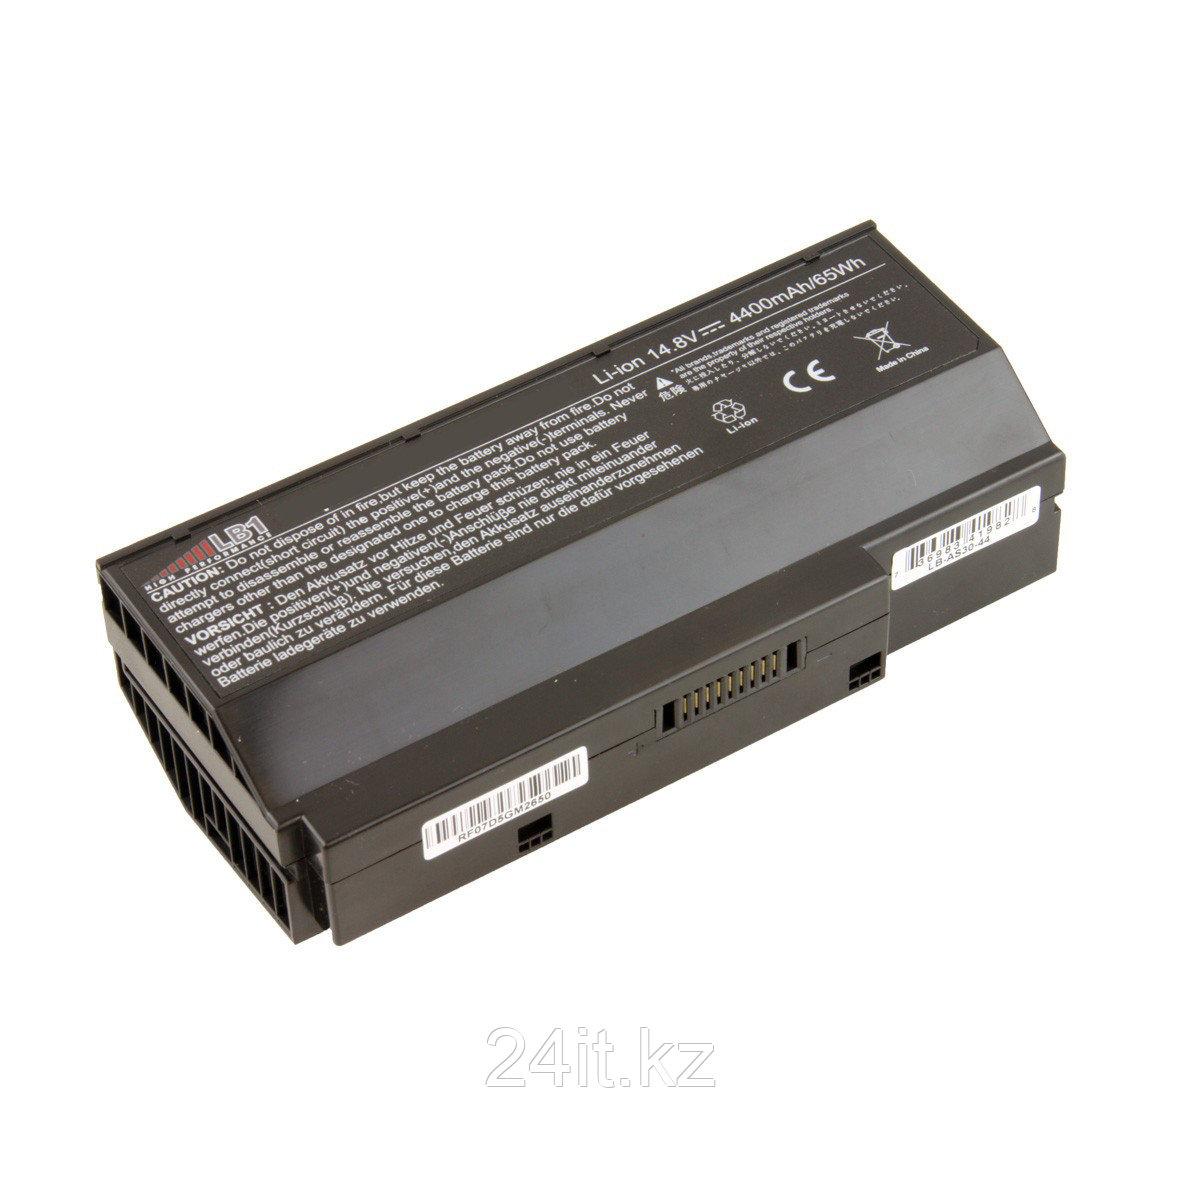 Аккумулятор для ноутбука Asus A42-G73/ 14,8 В/ 4400 мАч, черный